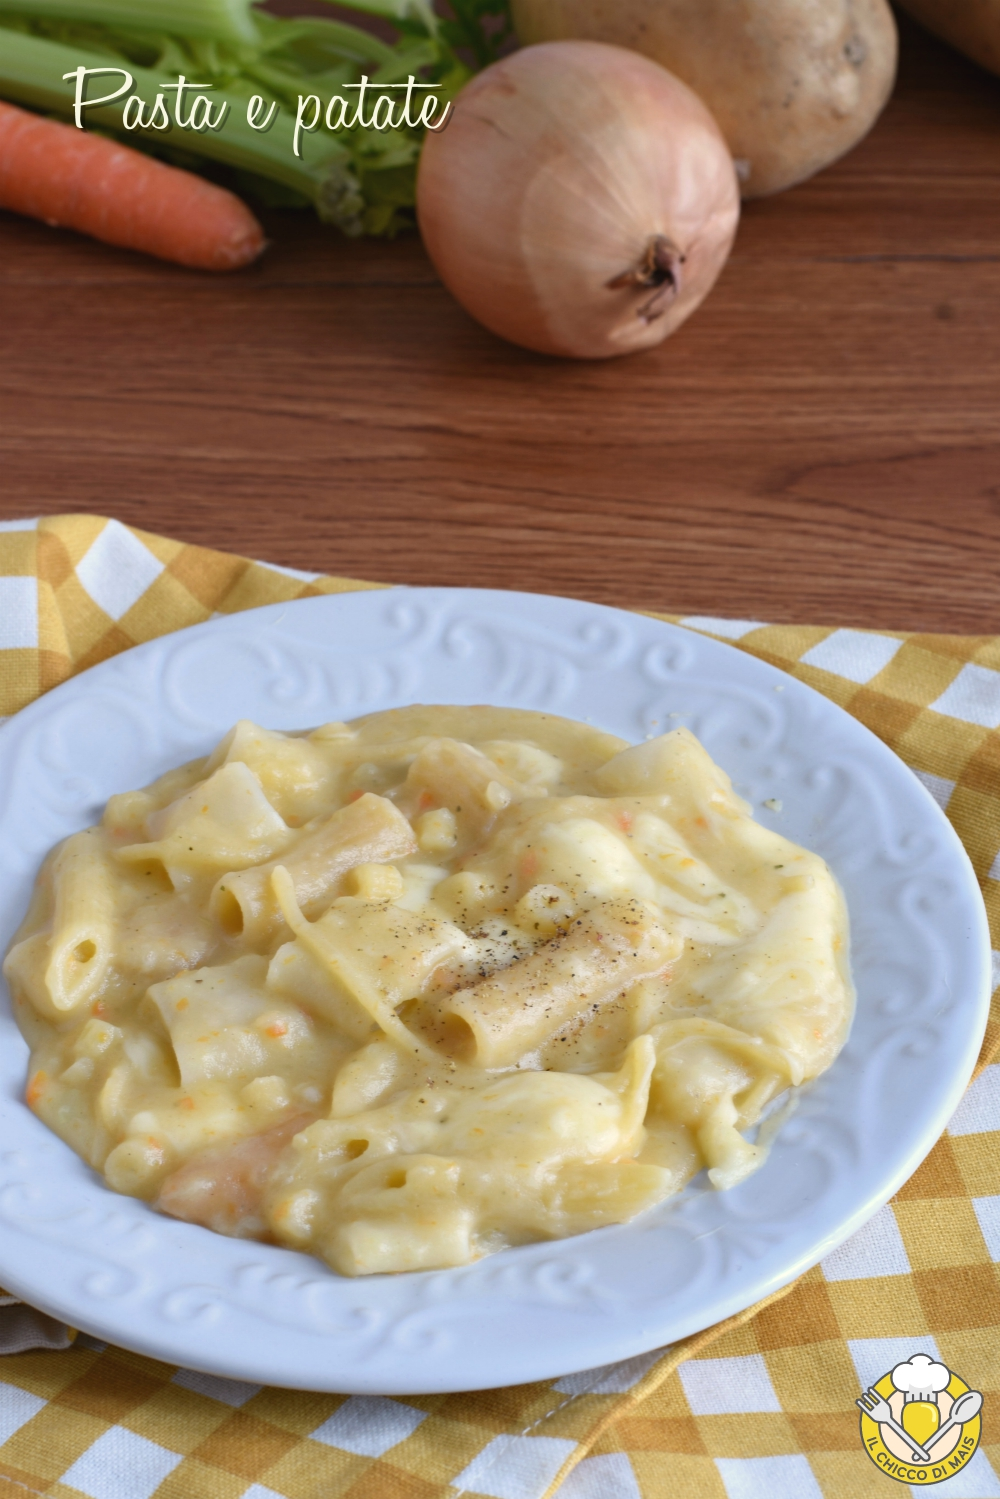 v_ pasta e patate alla napoletana con provola ricetta originale senza pomodoro il chicco di mais